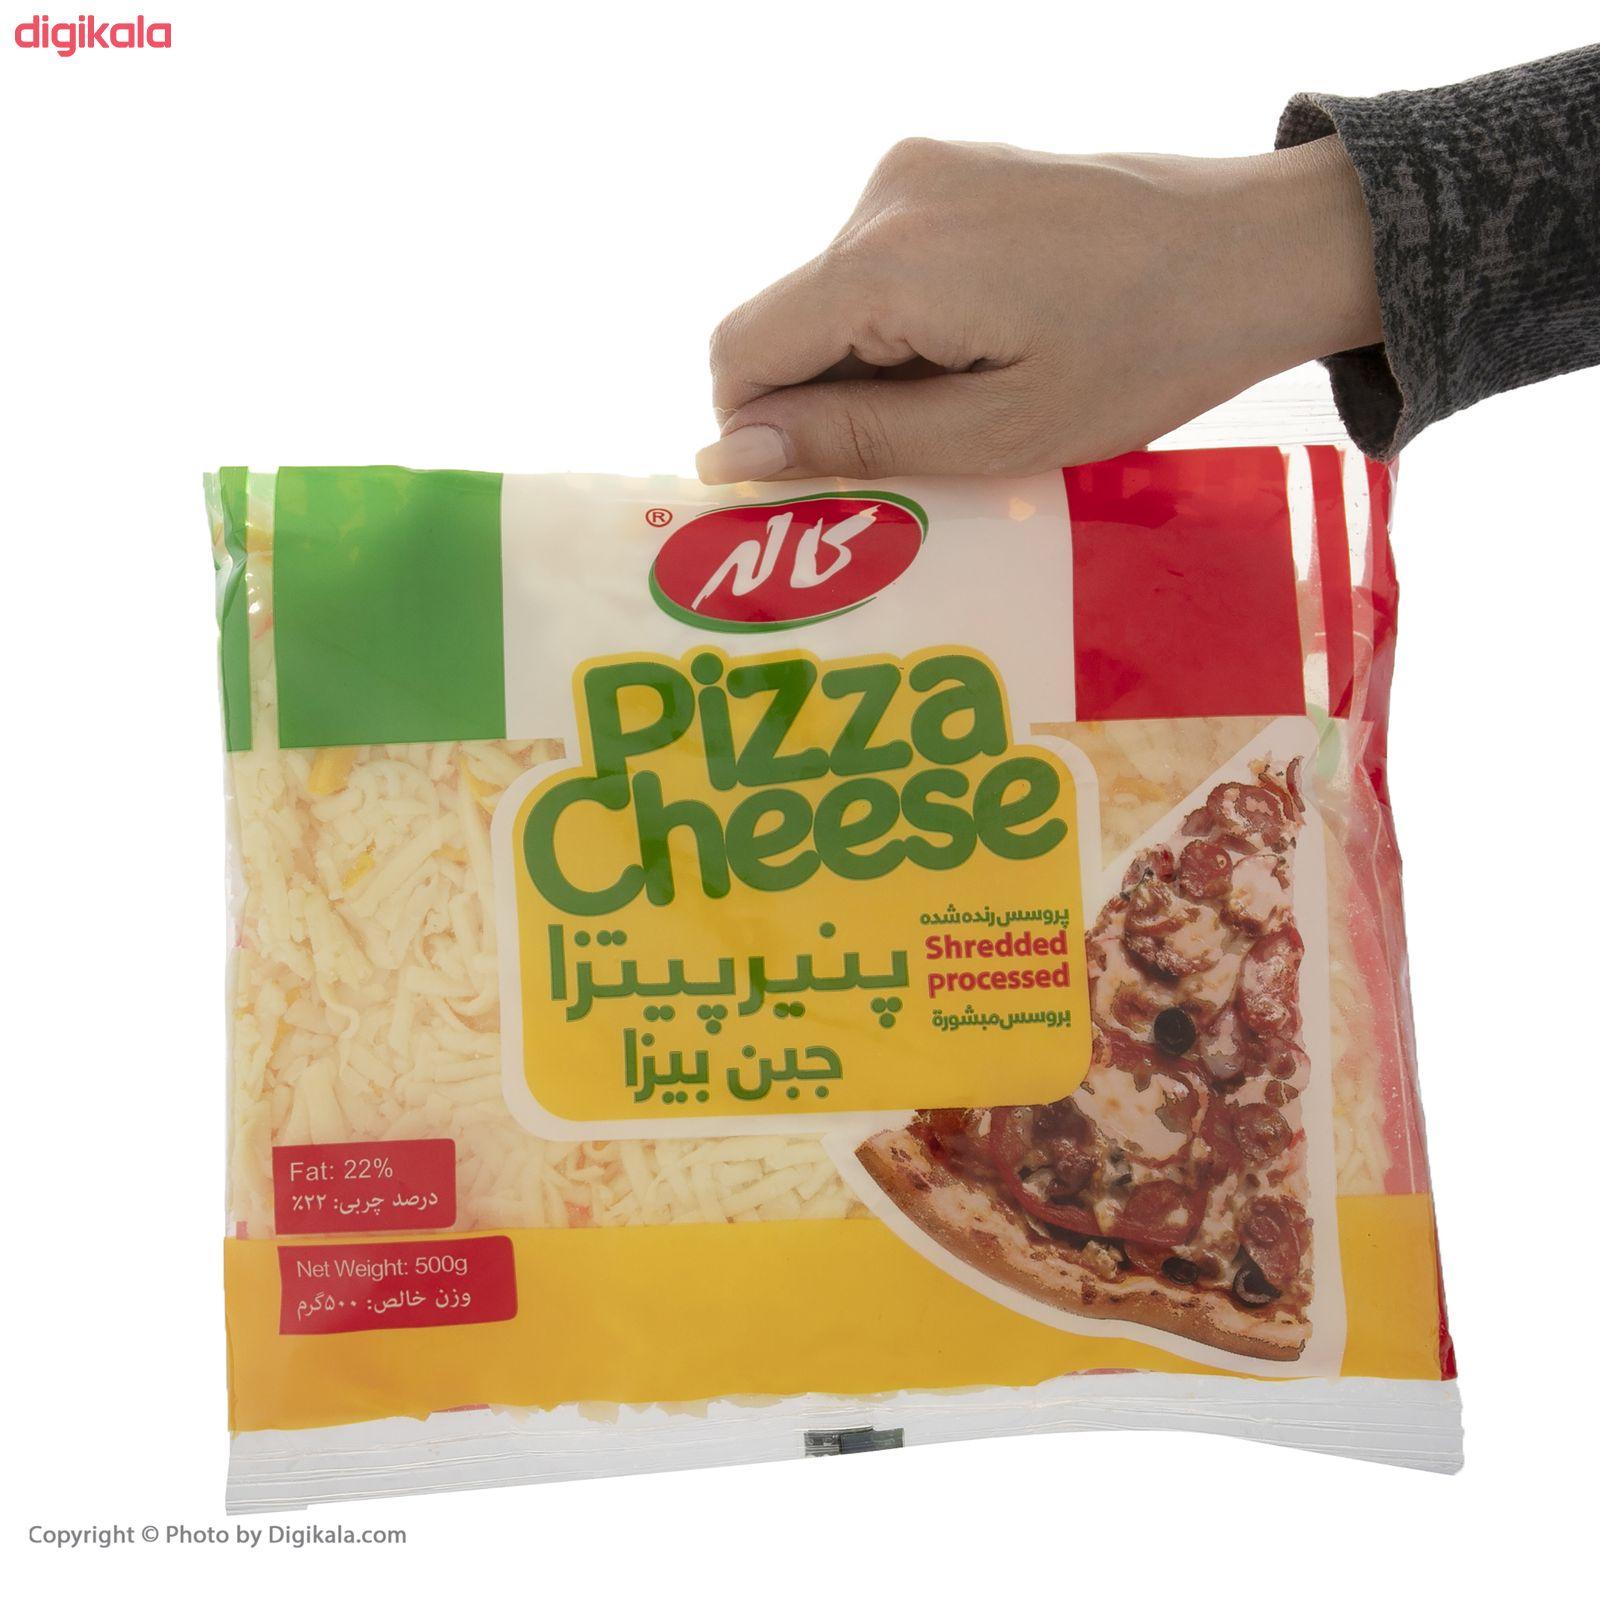 پنیر پیتزا فراوری شده رنده شده کاله وزن 500 گرم main 1 3